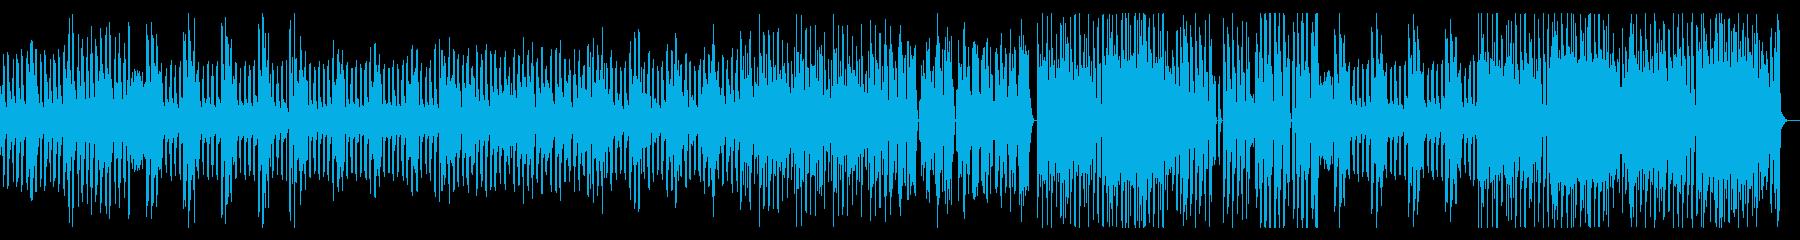 疾走感のあるテクノポップの再生済みの波形